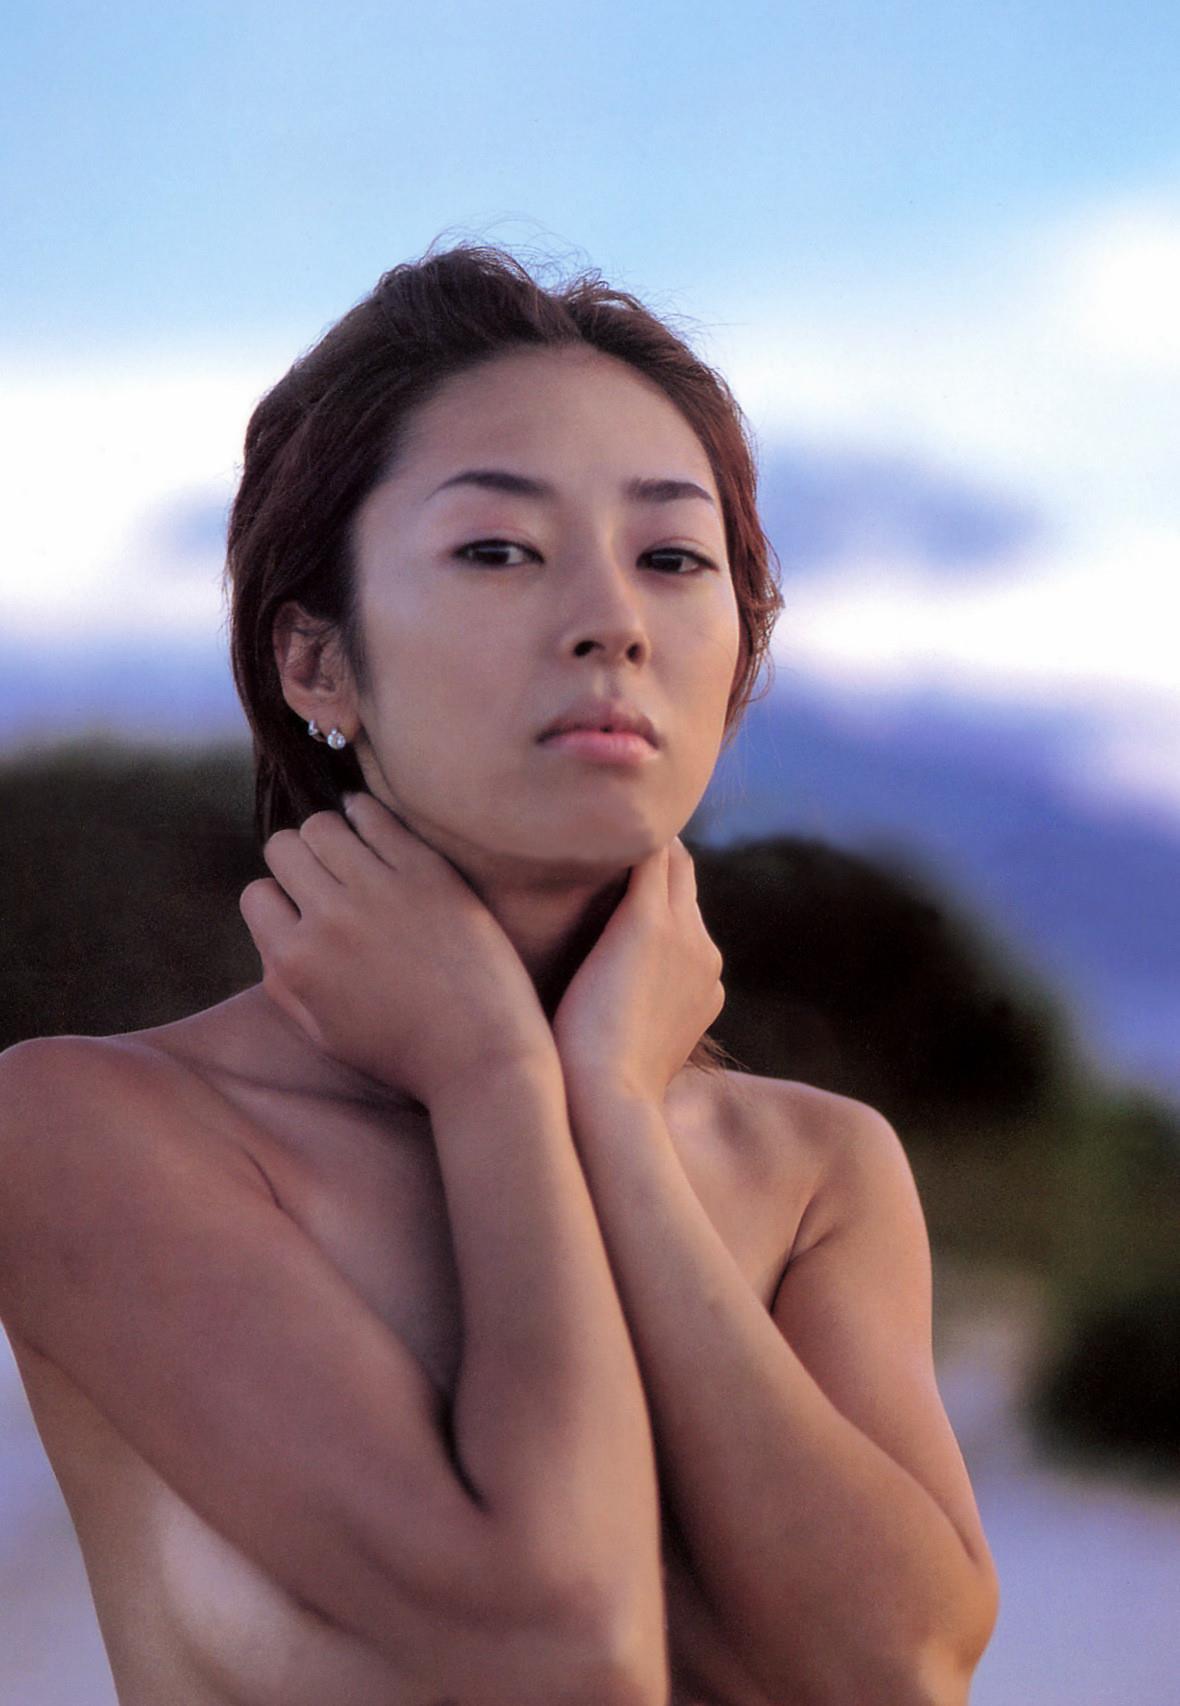 小松千春 画像 39